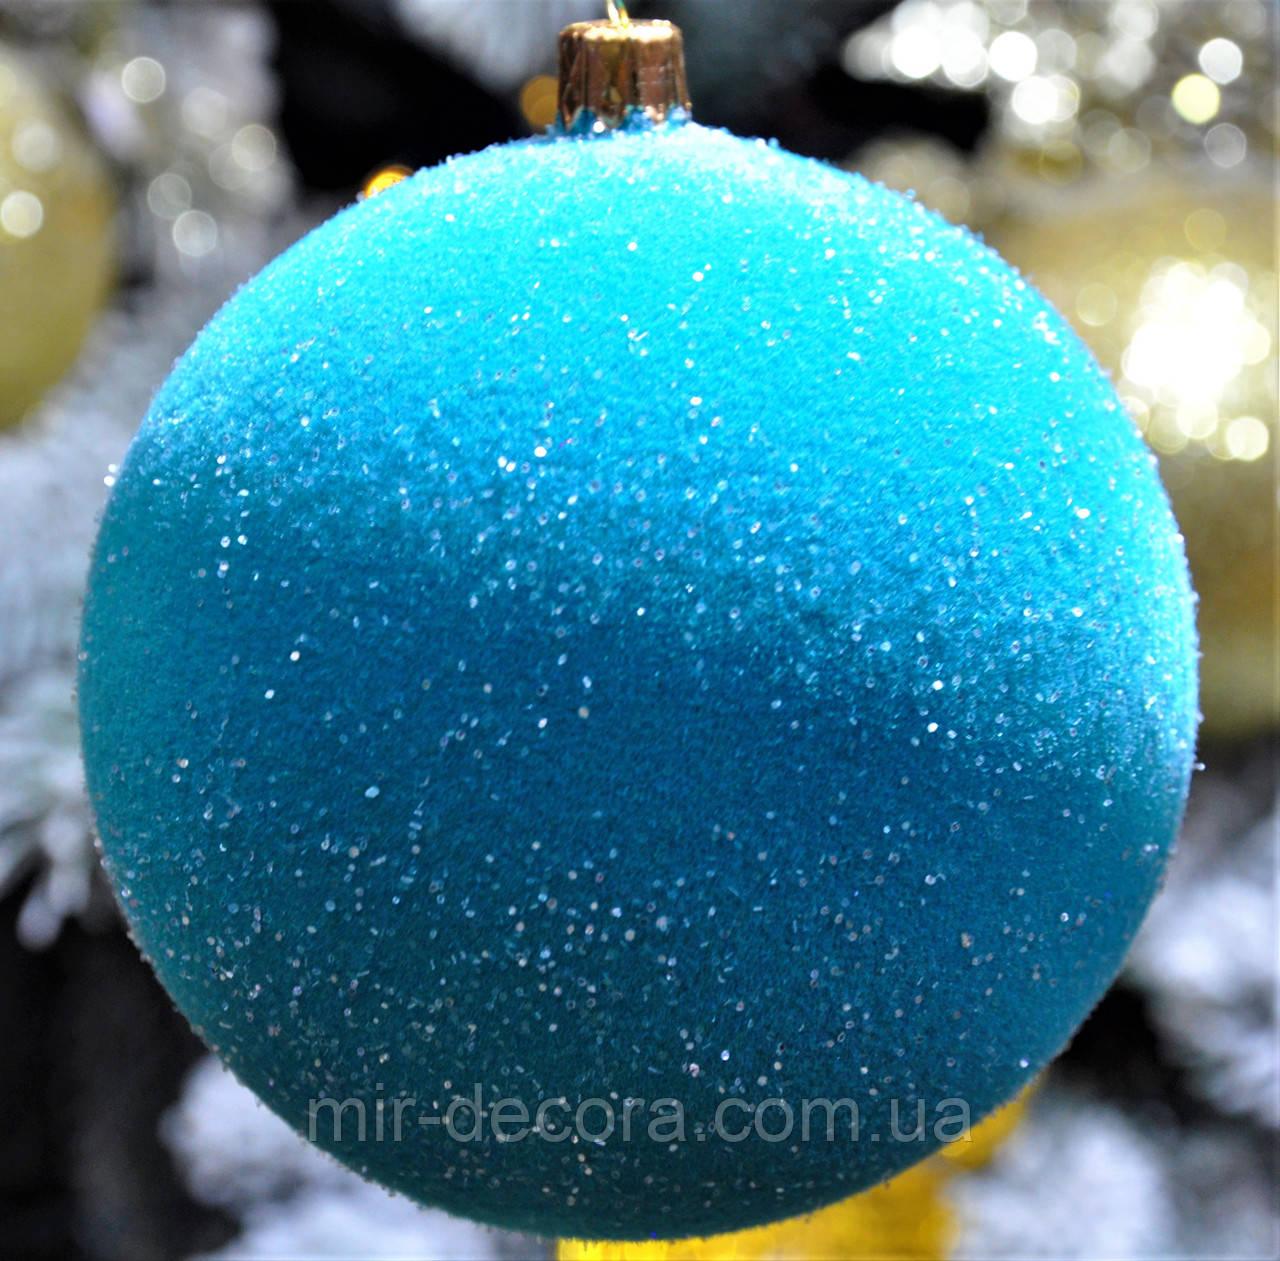 """Новогоднее украшение на елку в наборе """"Бархат бирюза"""" диаметр 100 мм (в уп. 3 шт.)"""